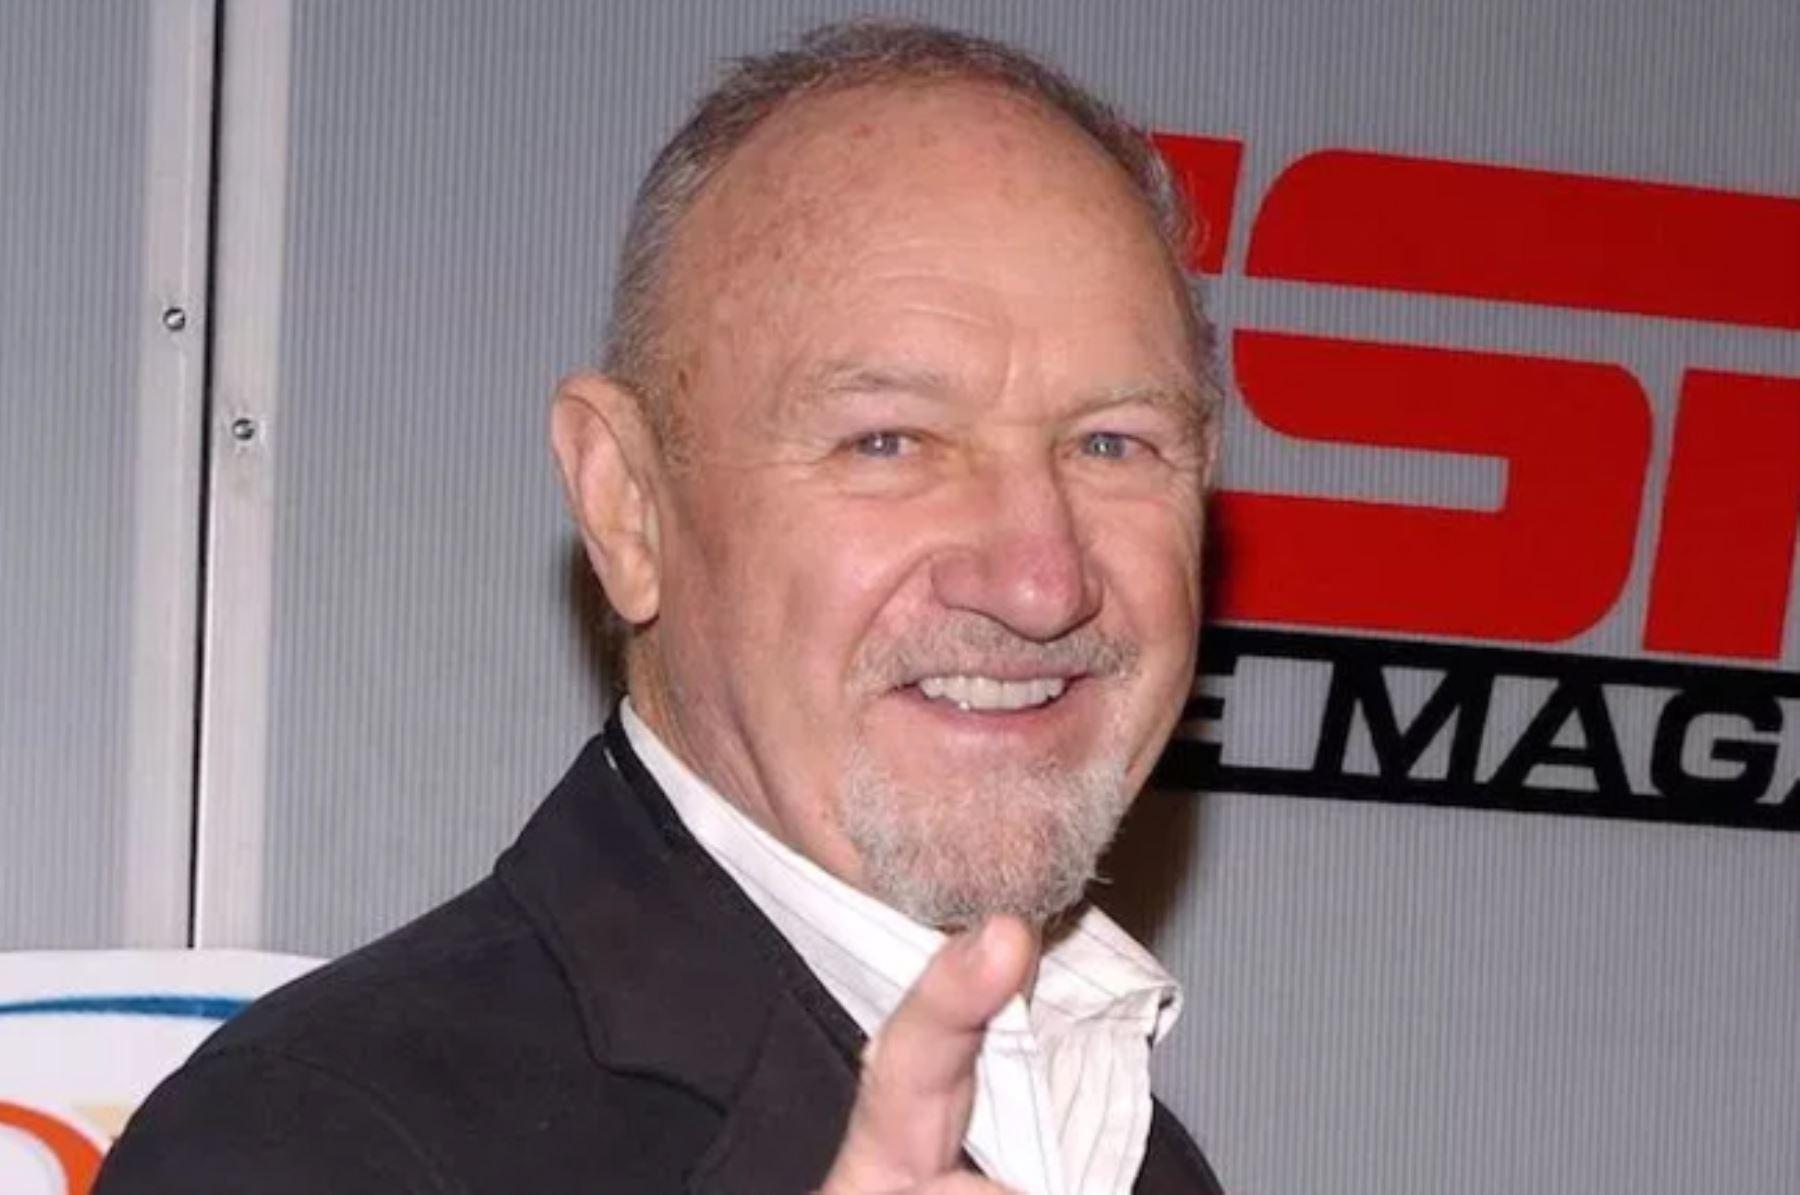 Un 30 de enero nació actor Gene Hackman | Noticias ...